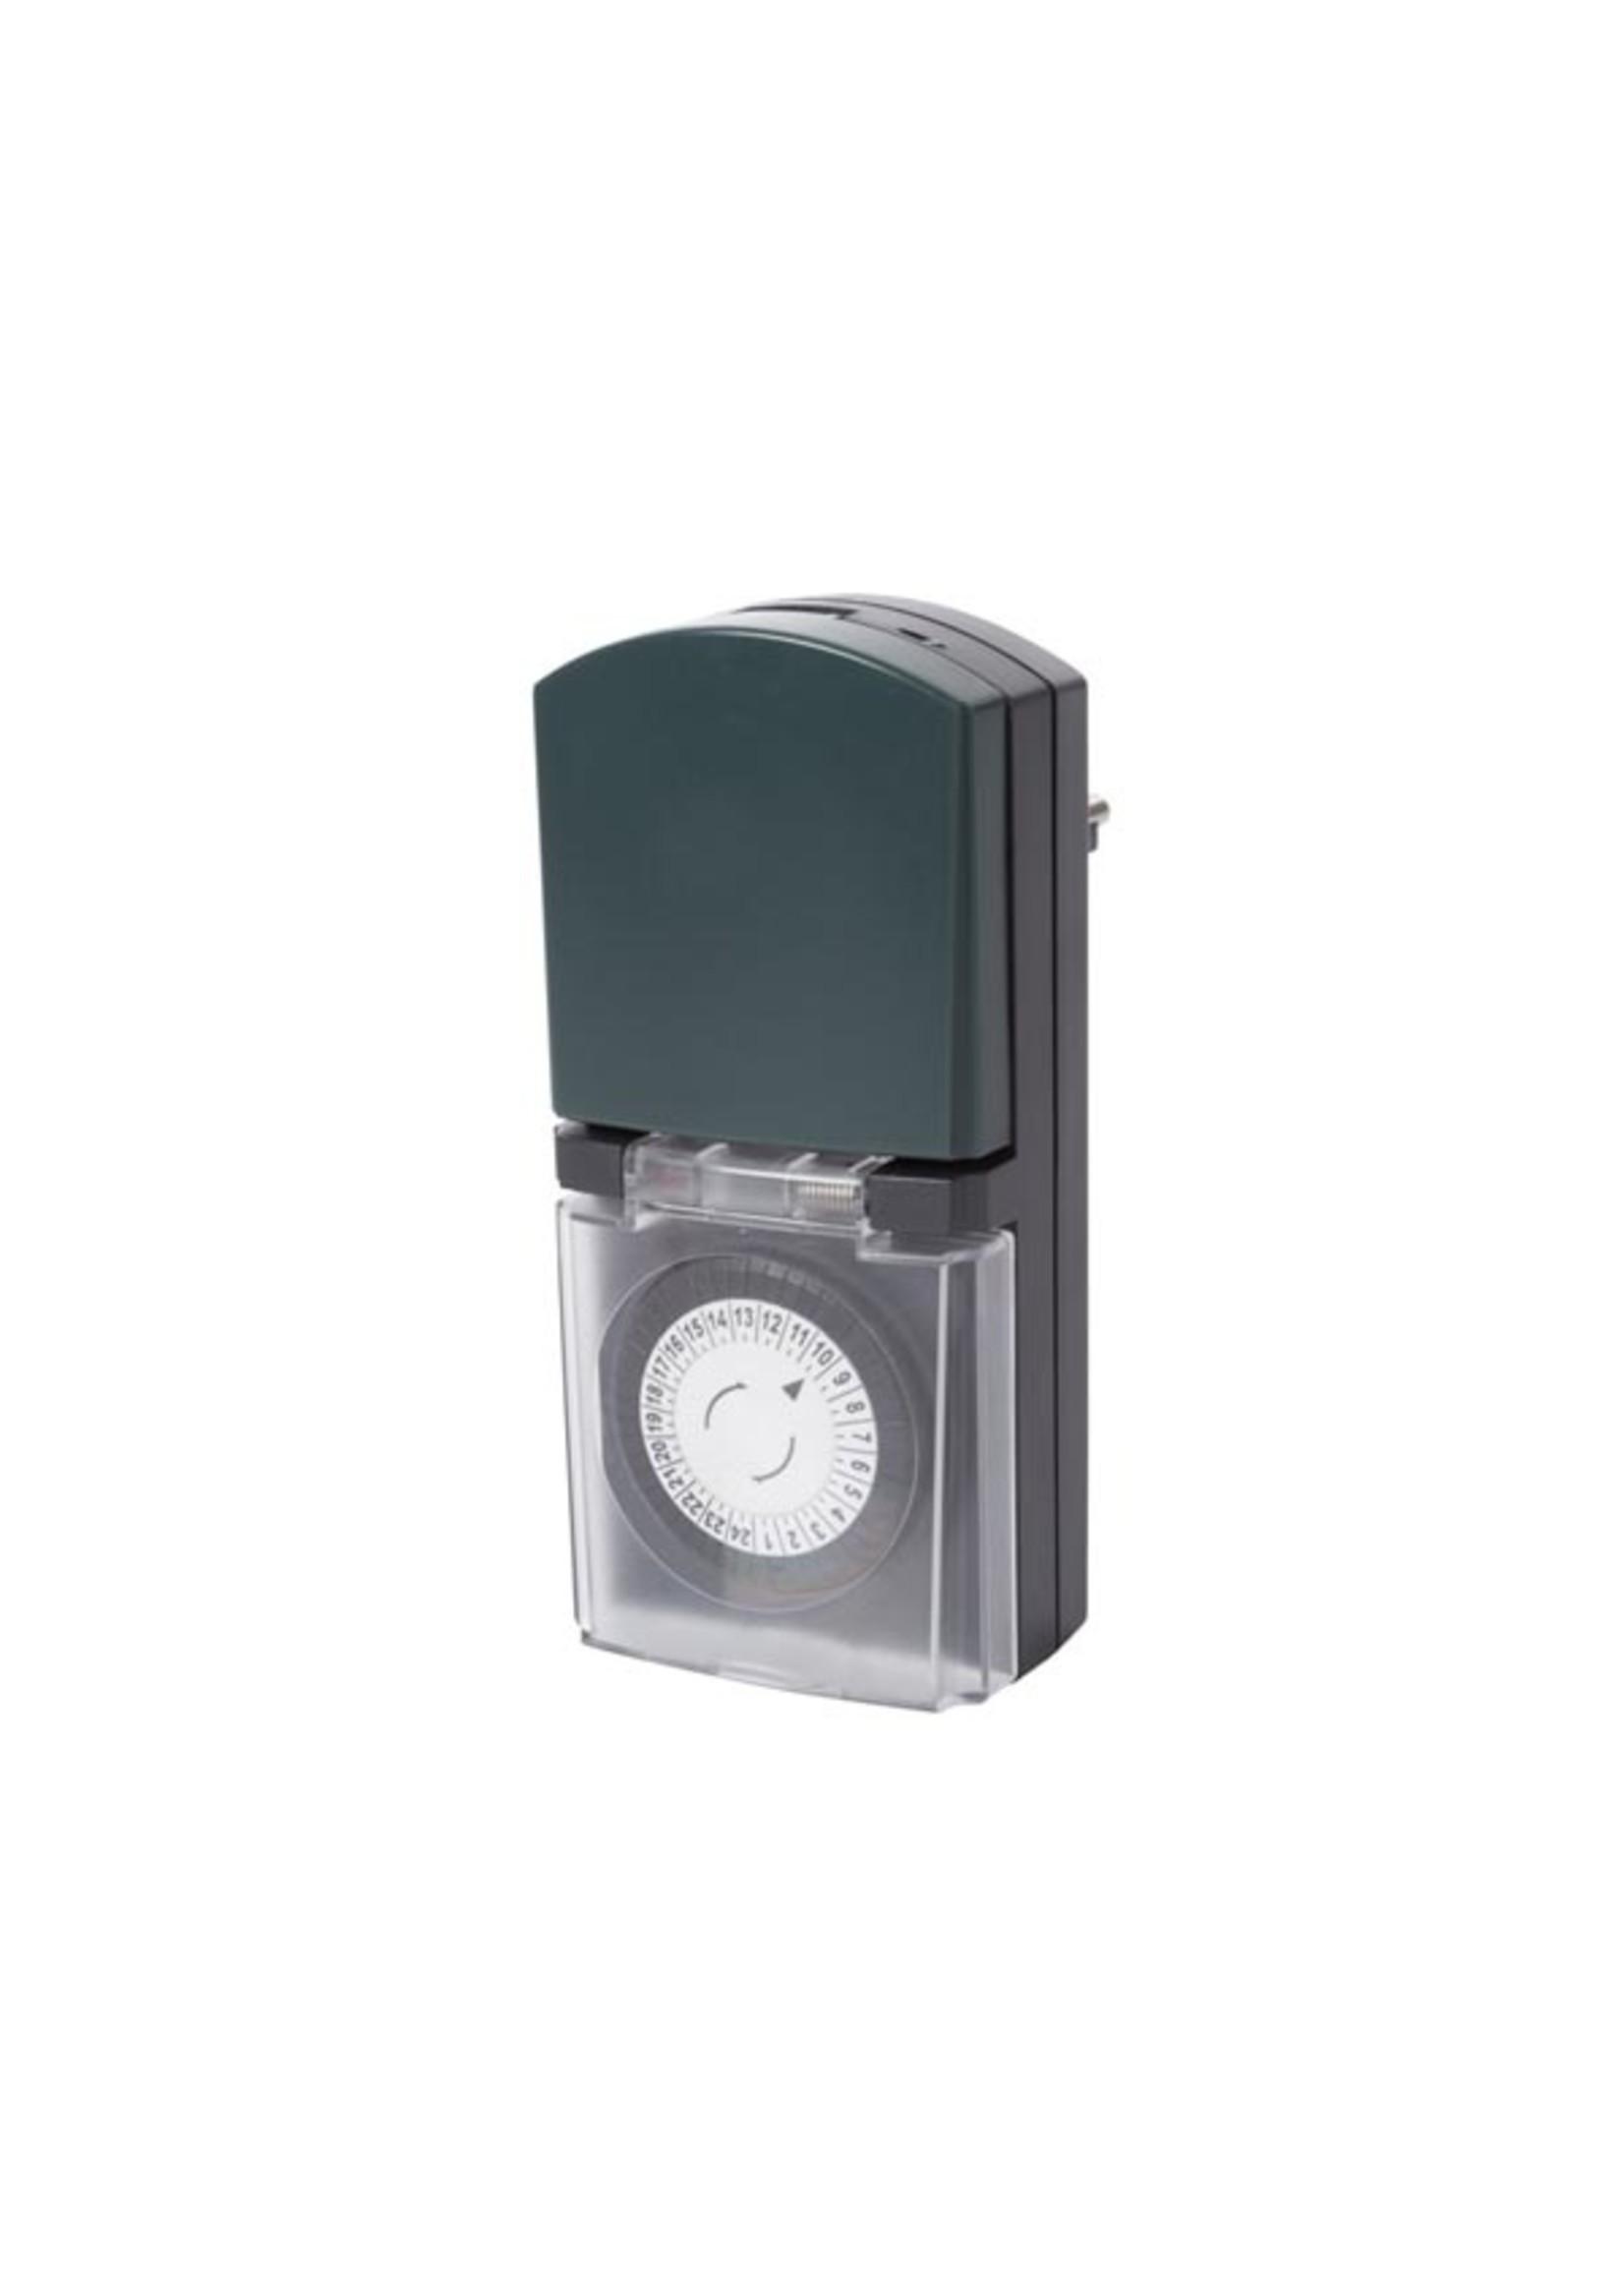 Perel Digitale Timer voor gebruik buitenshuis met randaarde IP44